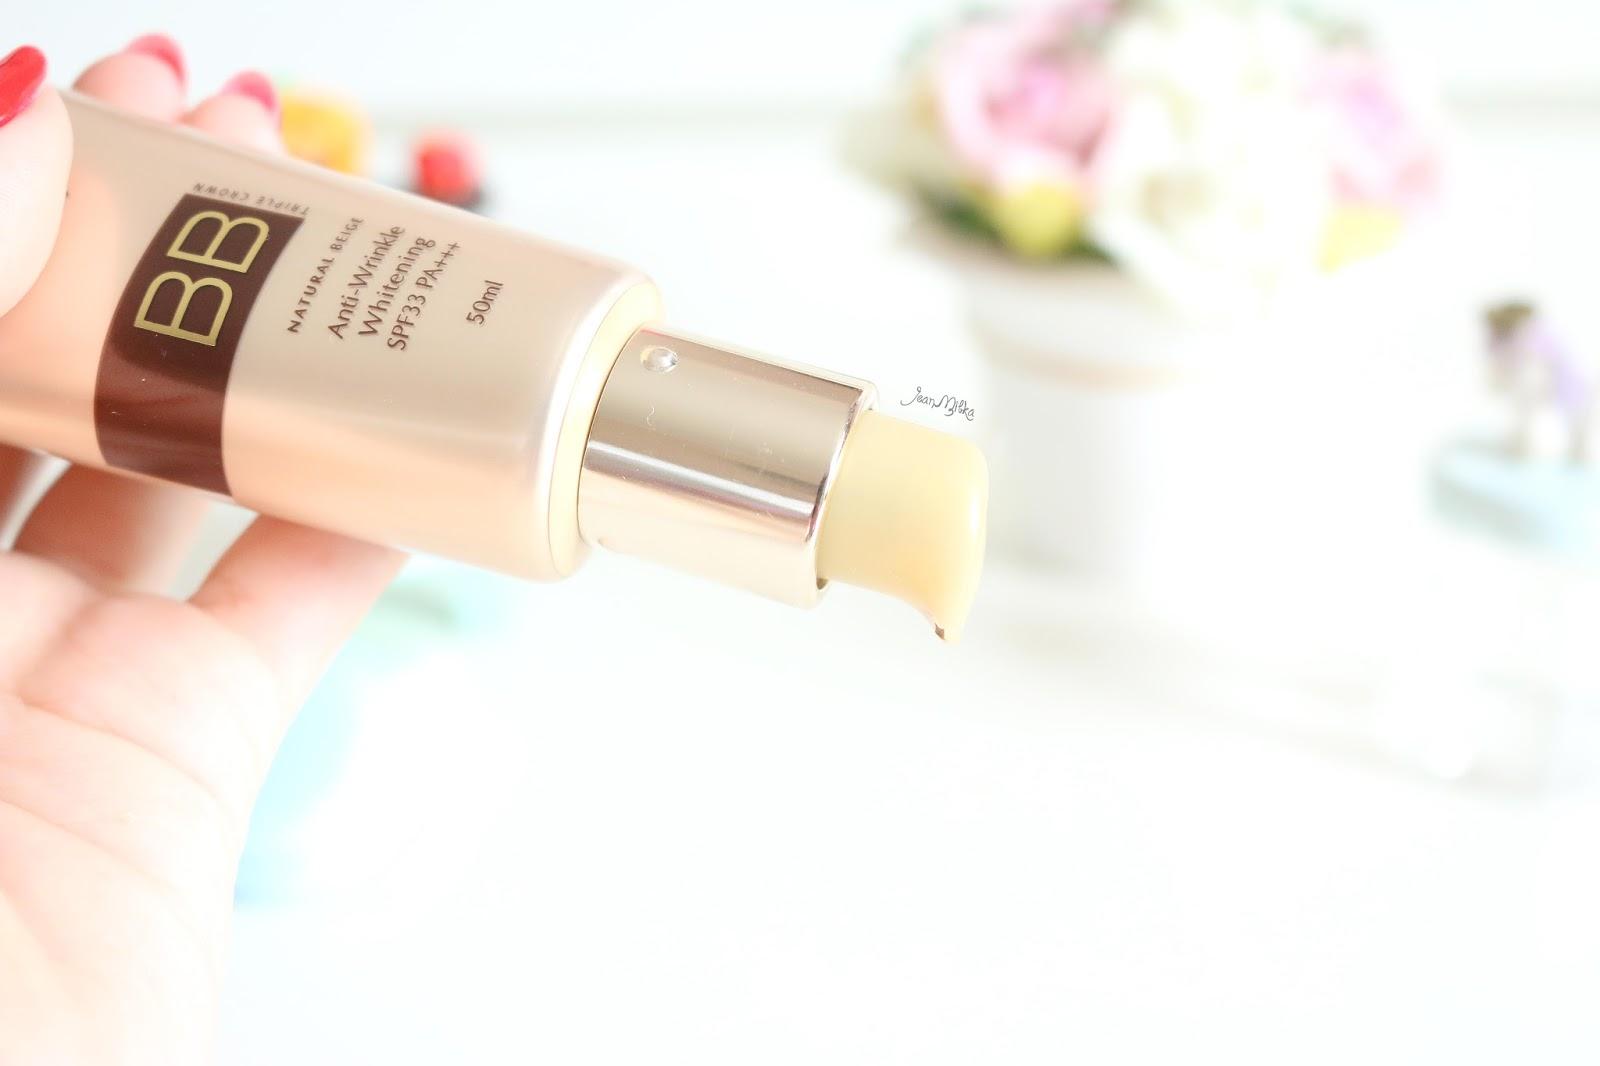 sarange, bb cream, sarange triple crown bb cream, korean makeup, makeup, review, sarange id